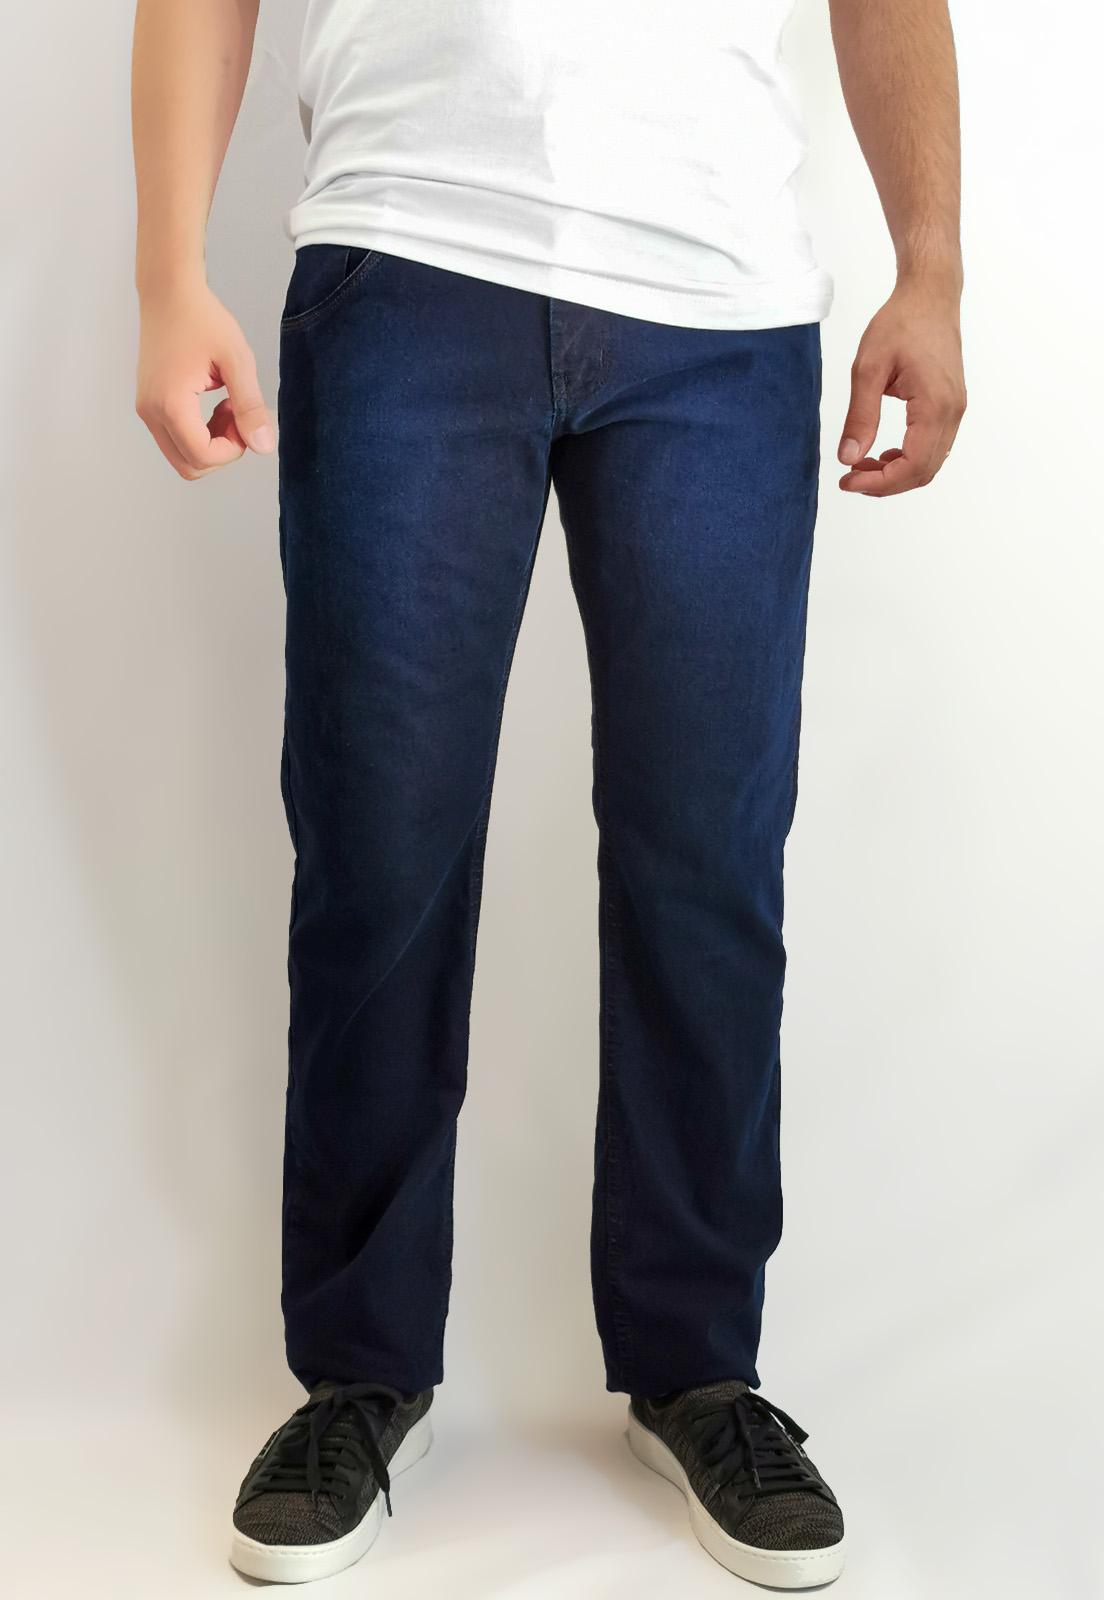 Calça Jeans Pitt Azul Escuro